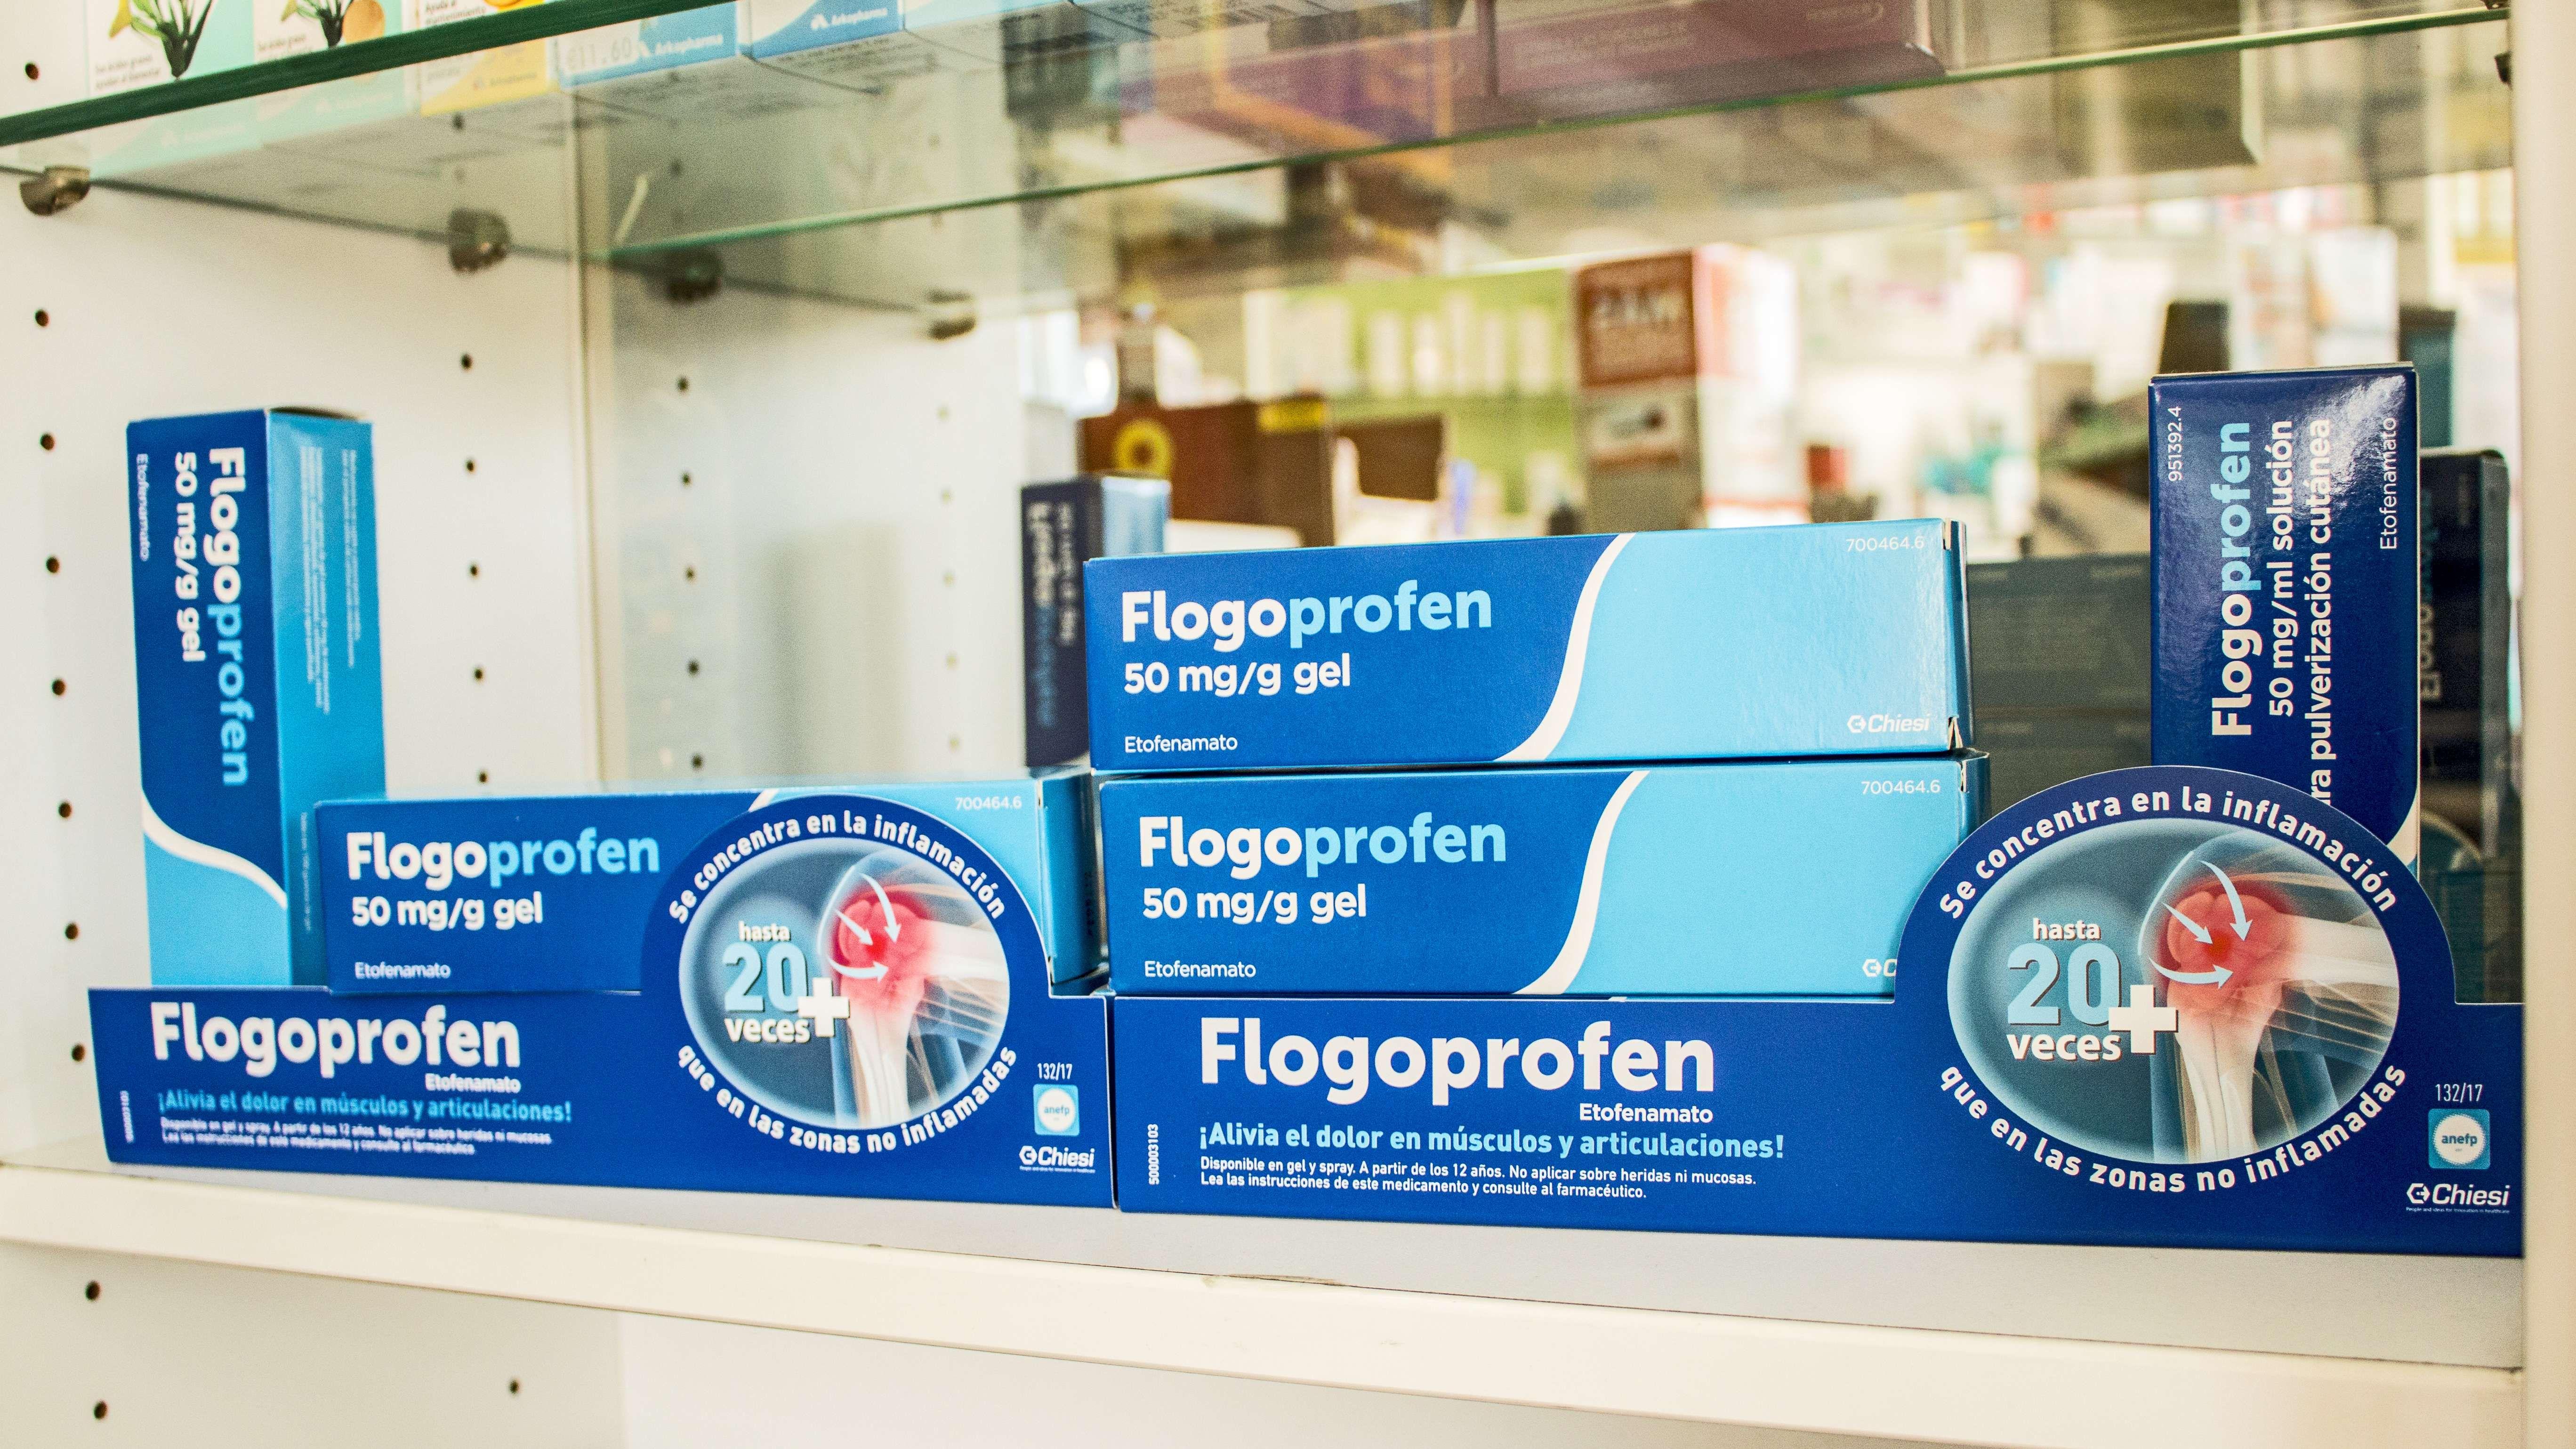 Productos farmacéuticos para las dolencias articulares